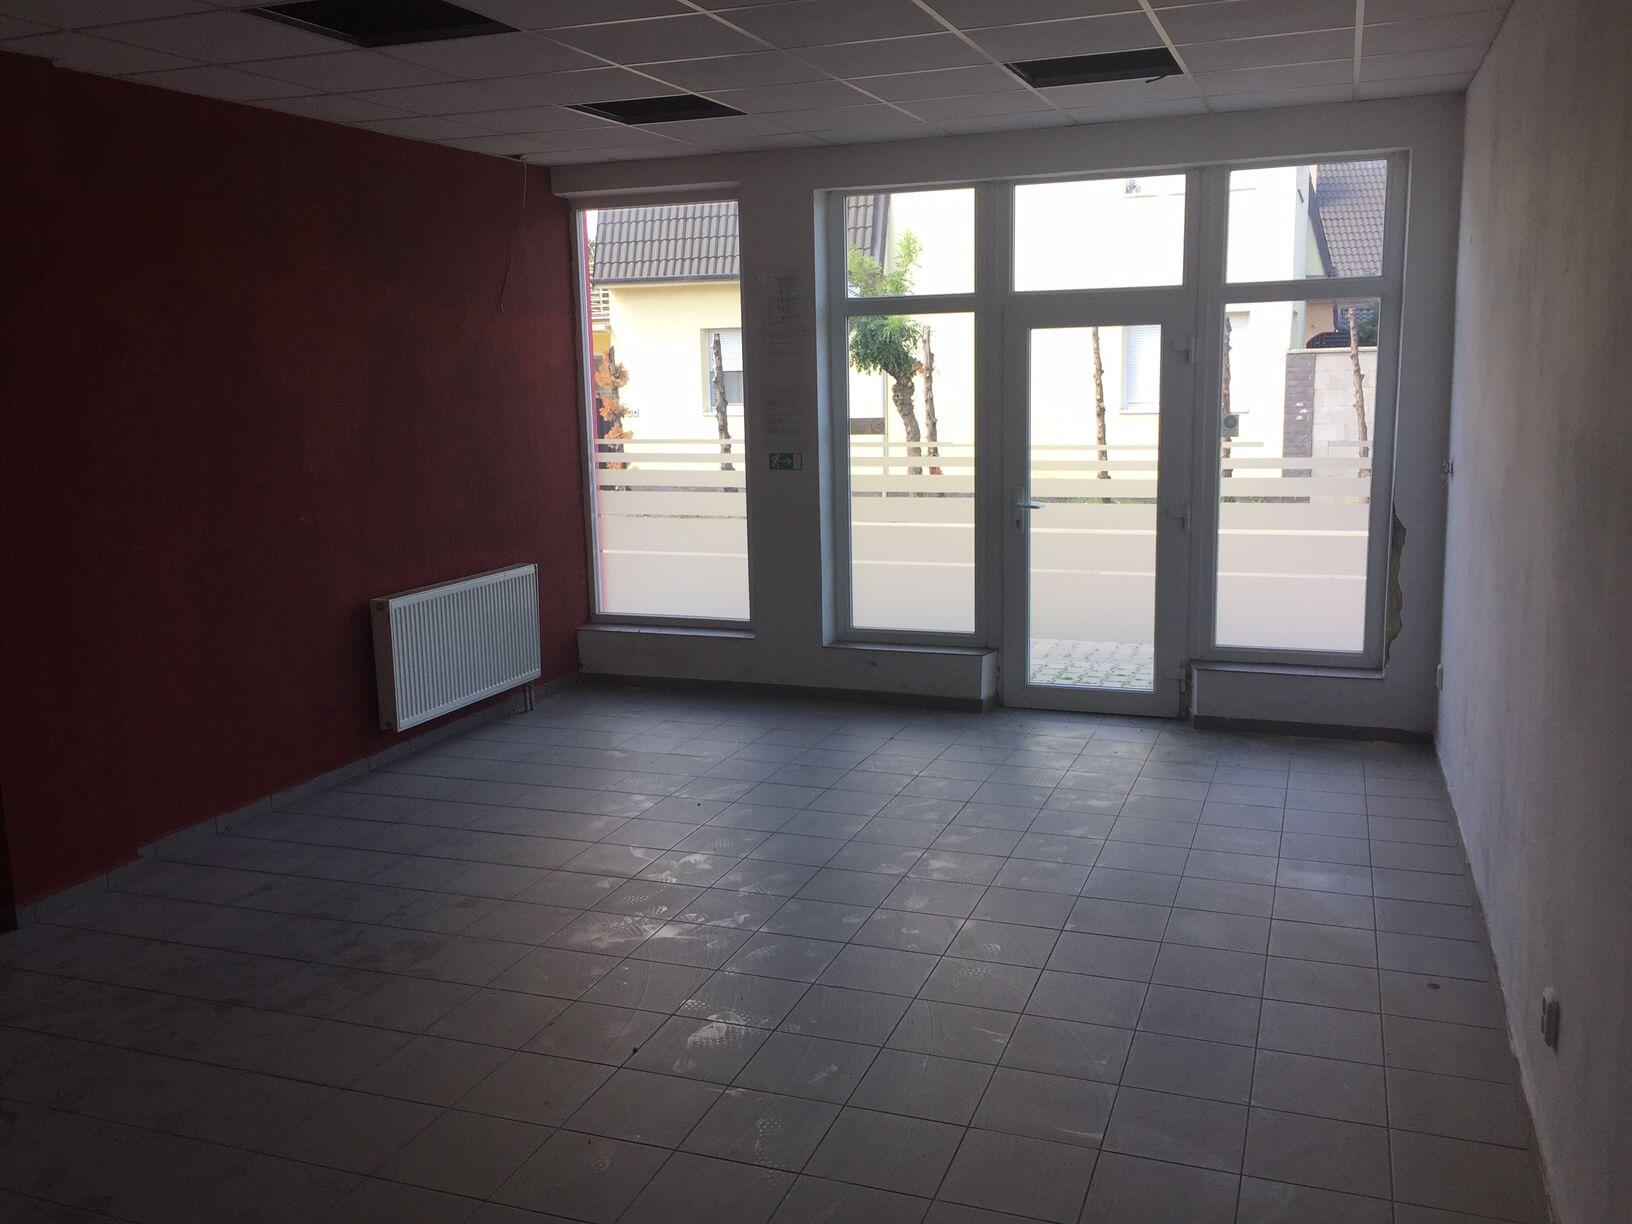 Predané: Predaj obchodného priestoru, najlepšie pre Autoservis, Pezinok, Ulica Mýtna/Šenkvická cesta. 240 m2-11